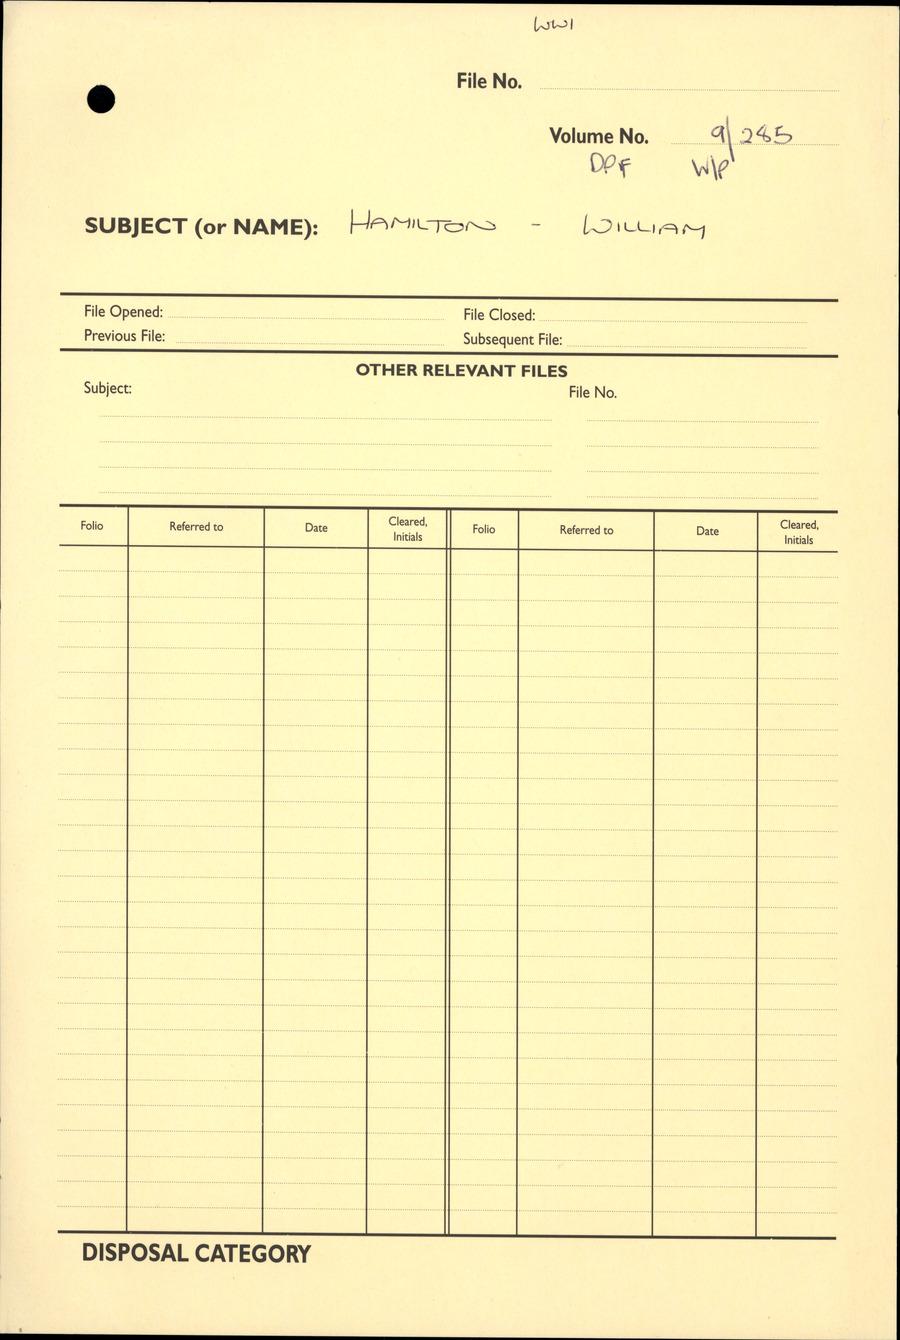 HAMILTON, William - WW1 9/285 - DPF [Duplicate Personnel File]